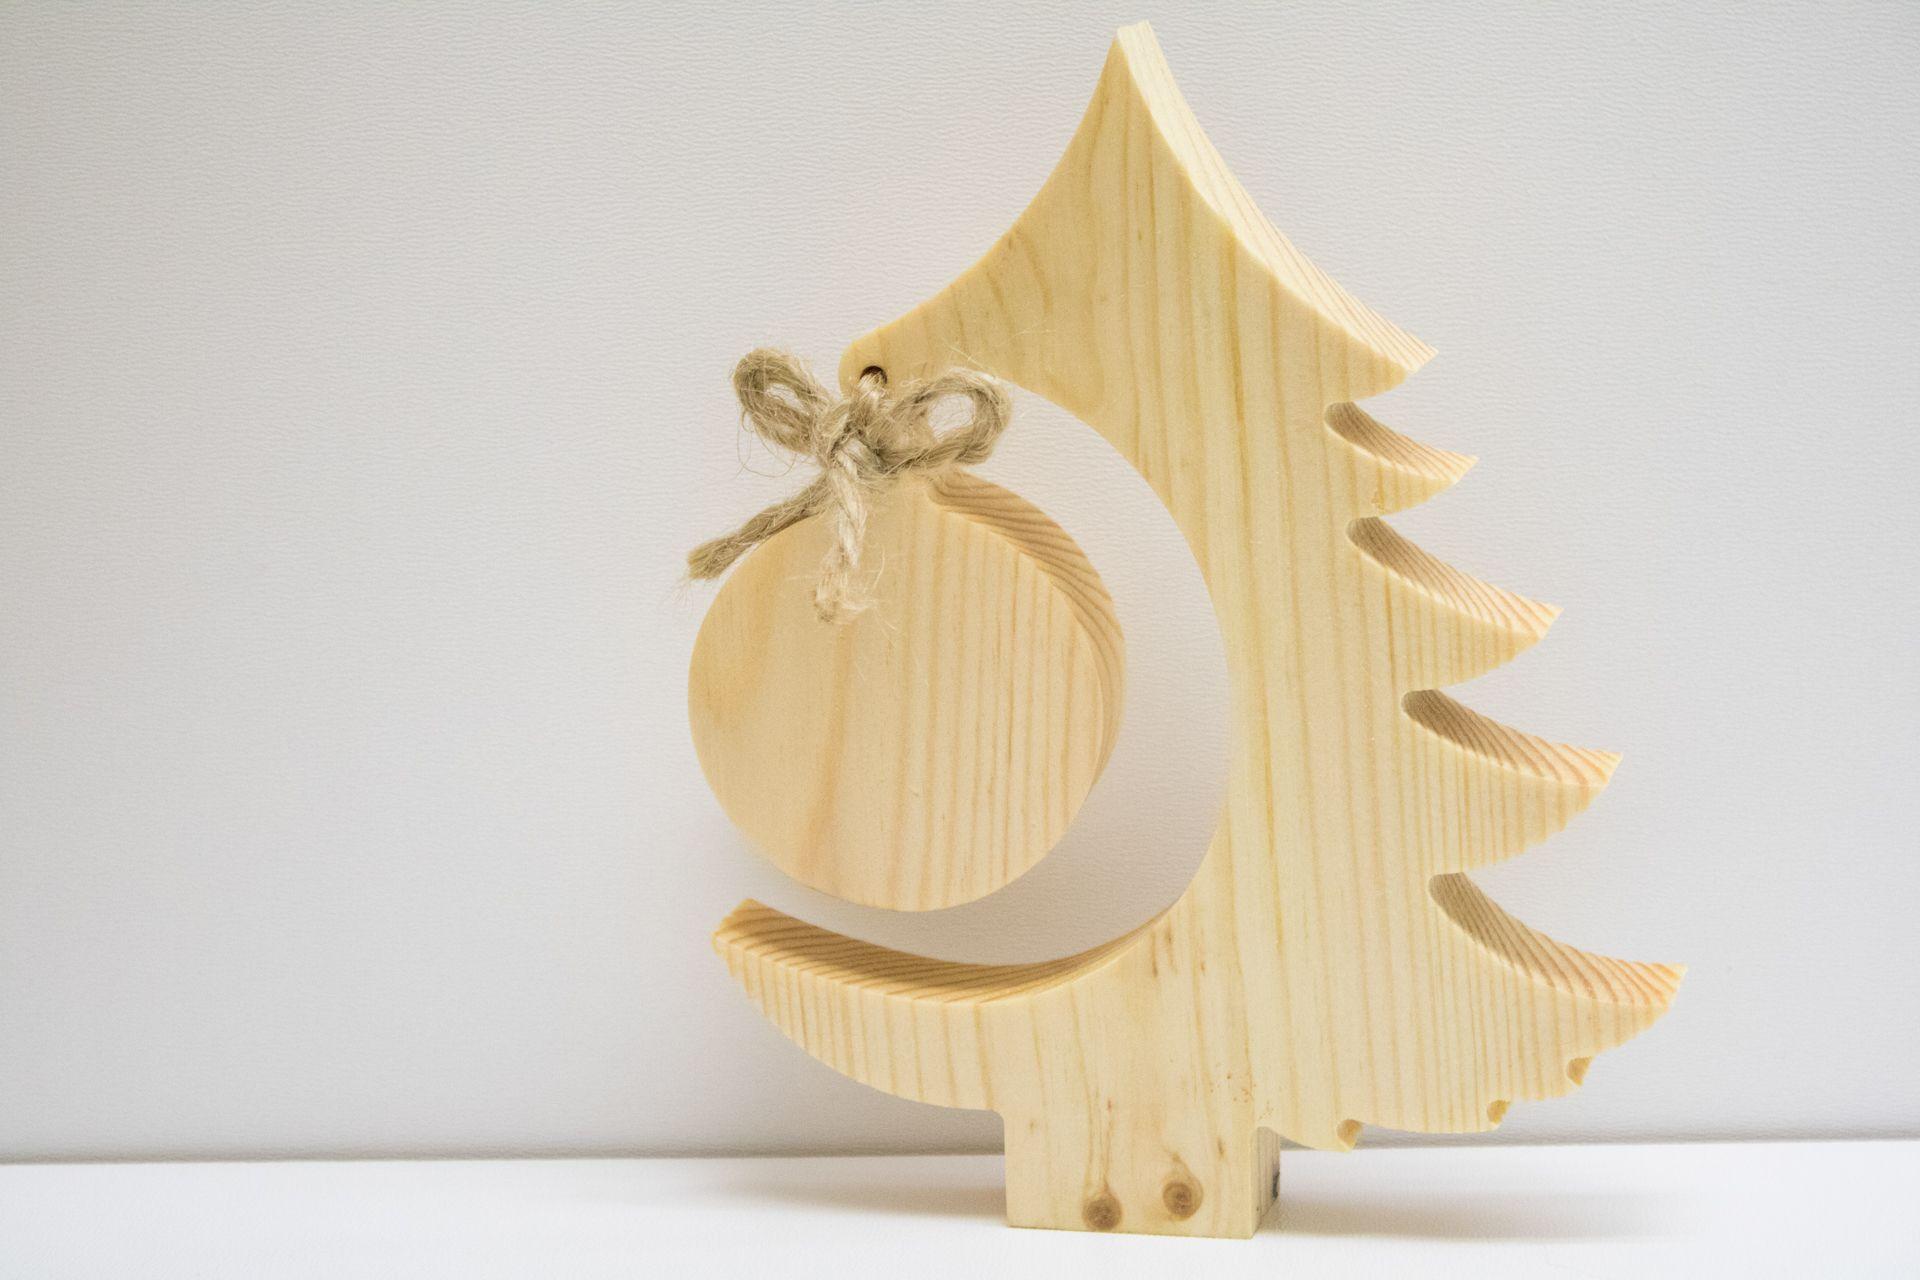 Wooden Christmas Tree With Bauble Czas Na Drewno Drewniane Gadzety Reklamowe Nadruk Uv Cnc Wooden Christmas Trees Christmas Tree Christmas